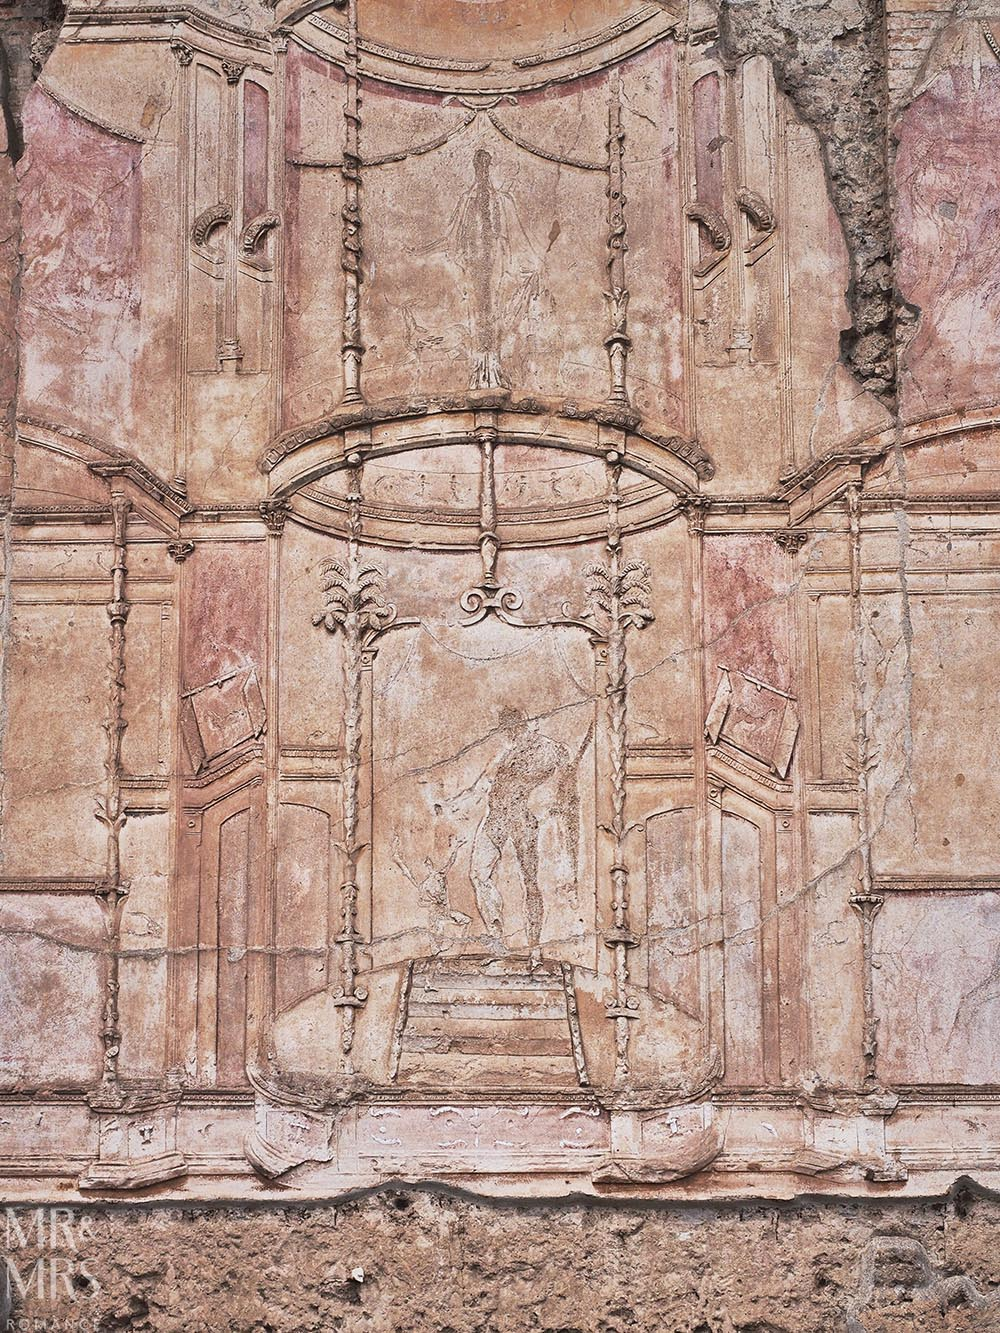 Pompeii DIY tour - how to get the most out of Pompeii - fresco